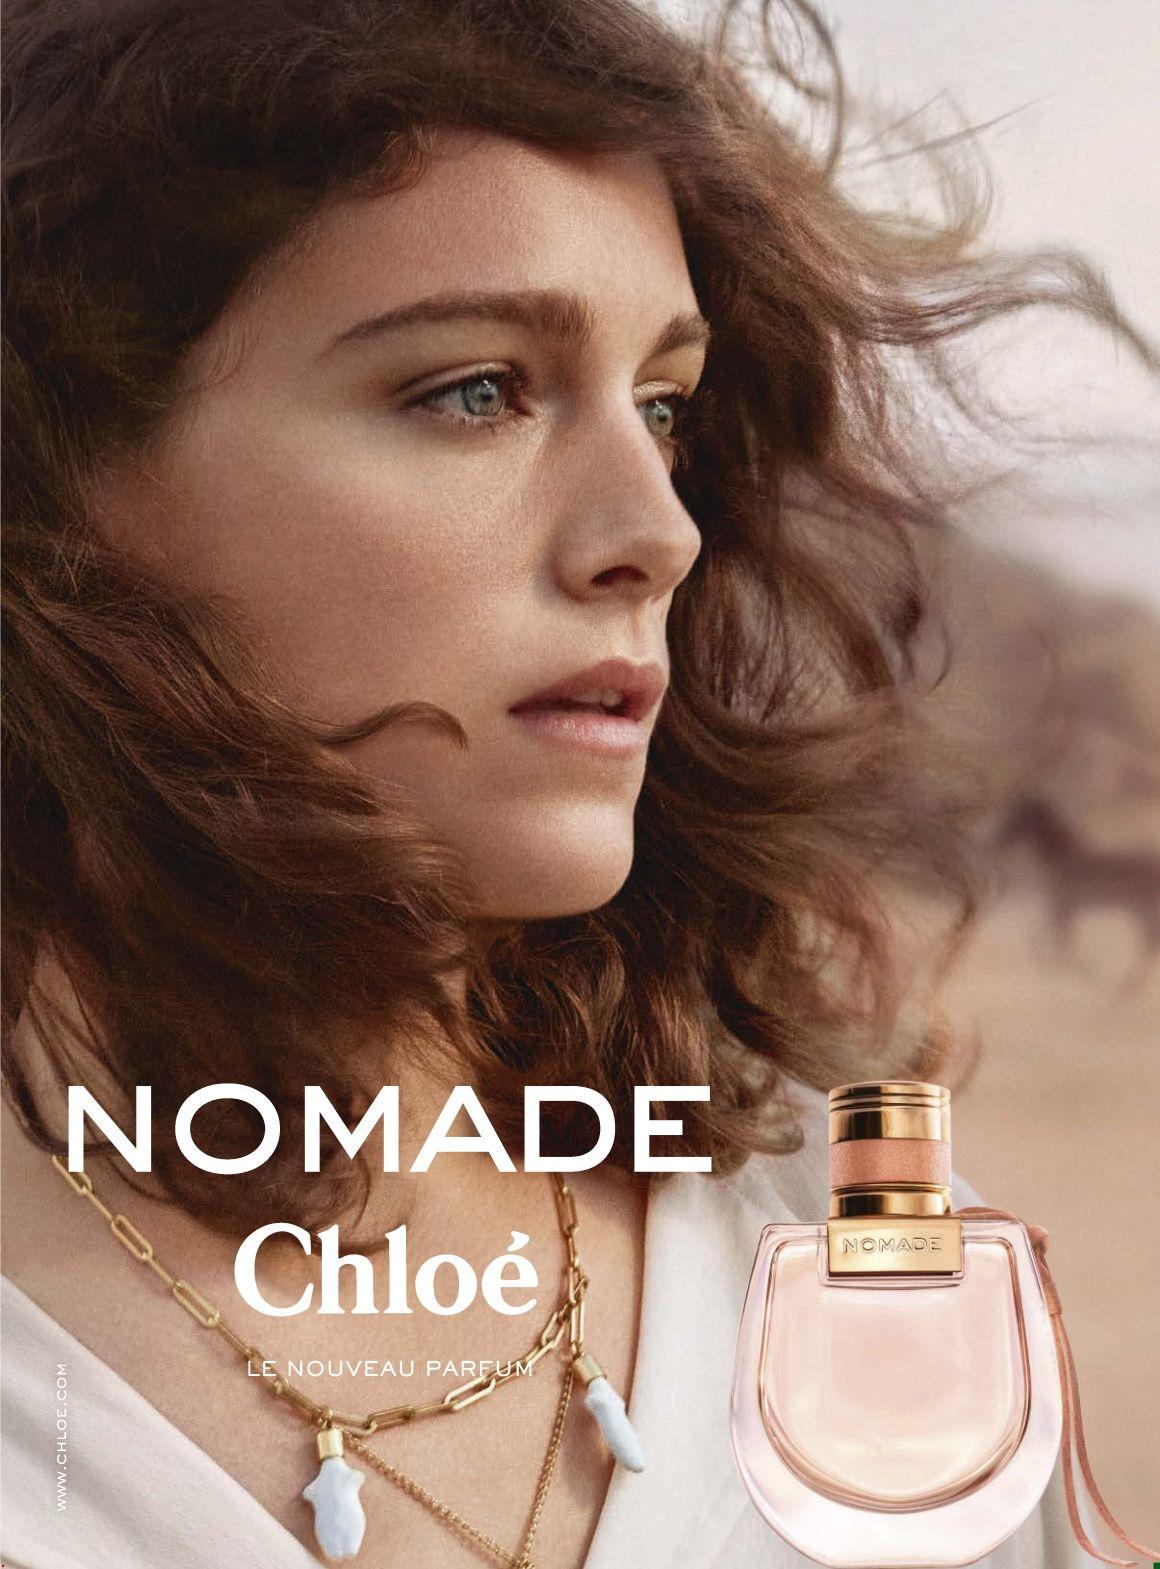 Chloé Campaign 2018Mode Nomade 09 Foto 2019 Parfum En Aj54qc3RL